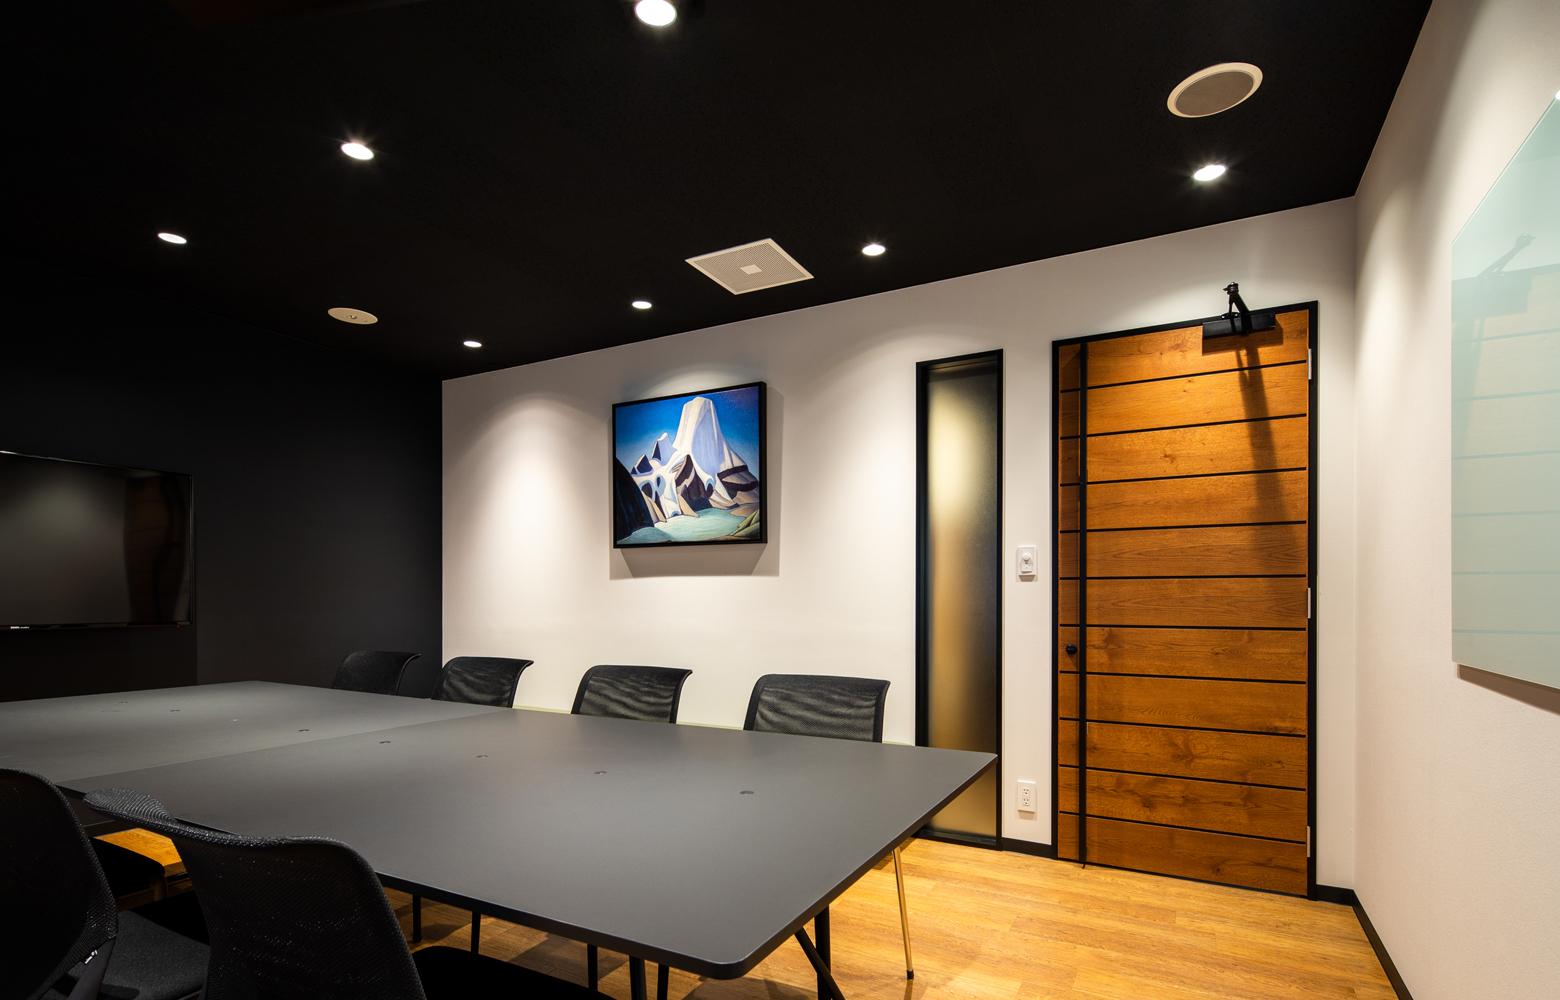 ロブソン株式会社 Meeting Room_2 デザイン・レイアウト事例